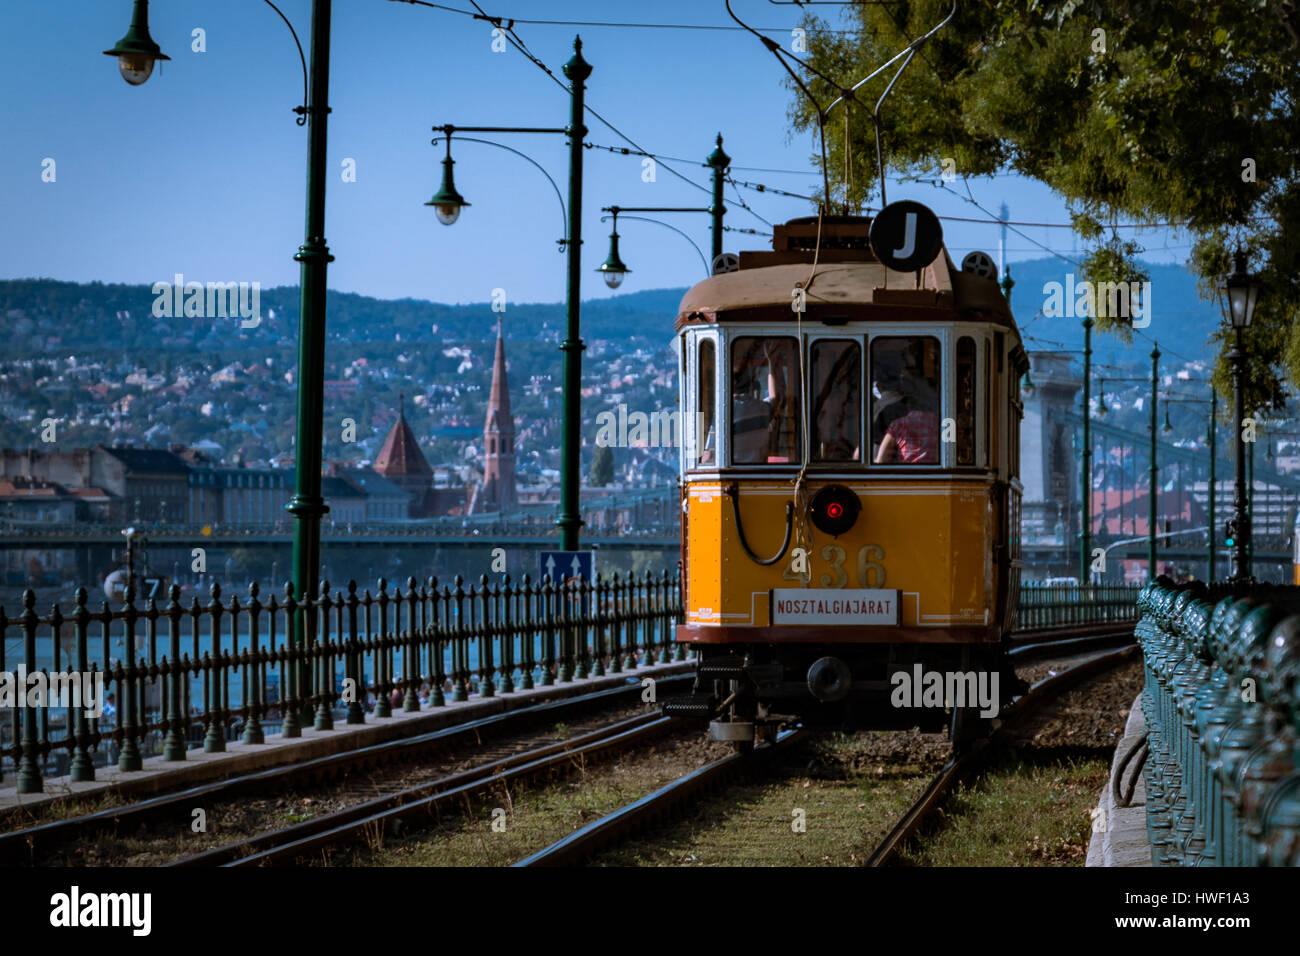 Eine Nostalgie-Straßenbahn in Budapest, Ungarn Stockbild